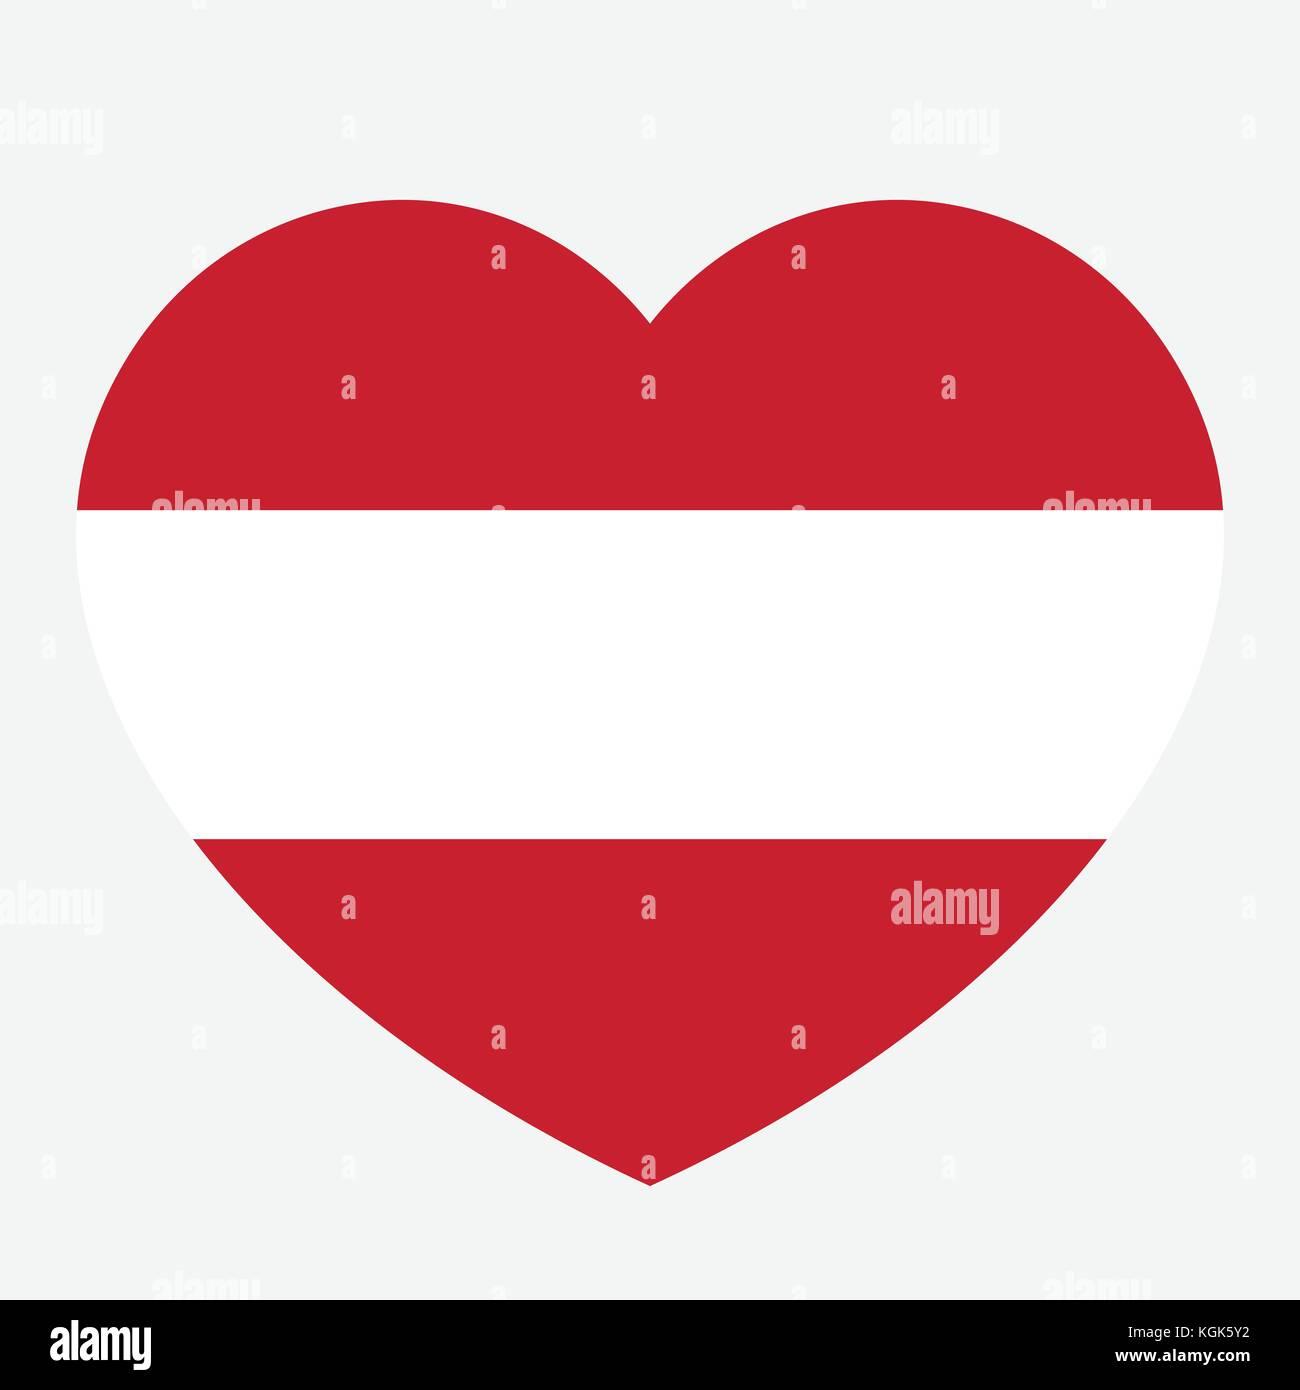 österreich Flagge In Das Herz Die österreichische Fahne Vector